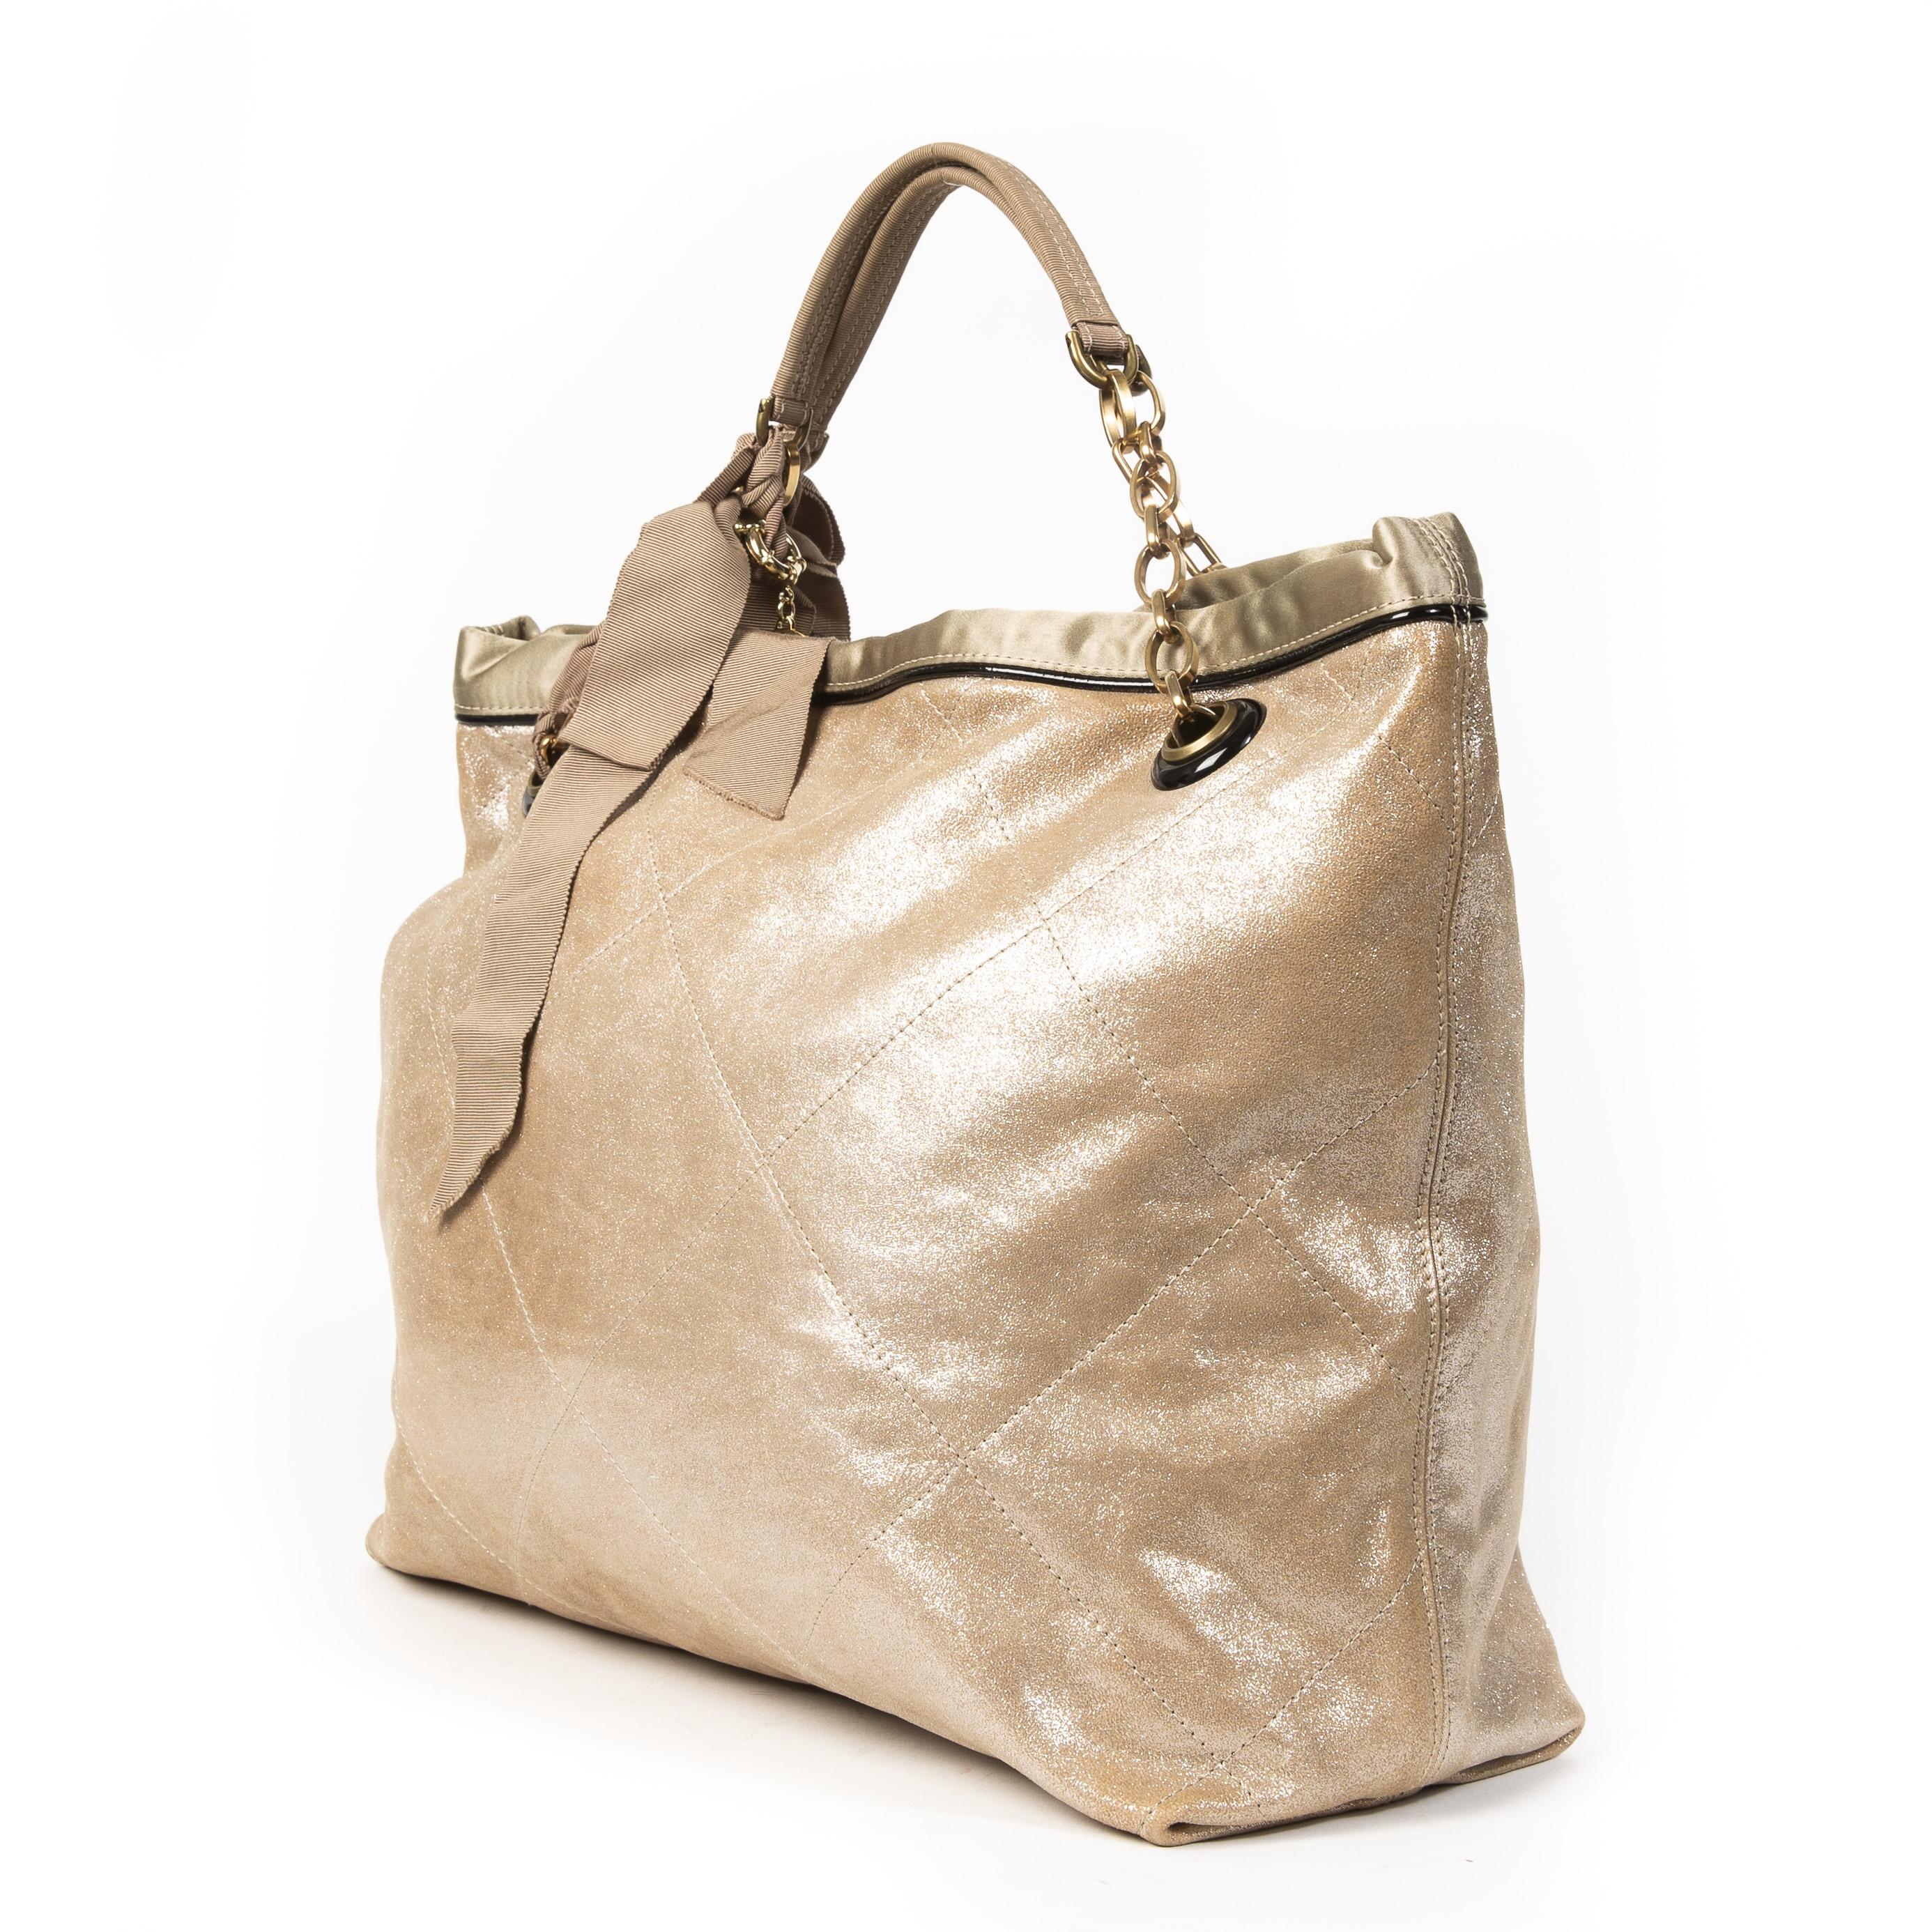 Authentieke tweedehands Lanvin Gold Amalia Leather Shoulder Bag juiste prijs veilig online winkelen LabelLOV webshop luxe merken winkelen Antwerpen België mode fashion